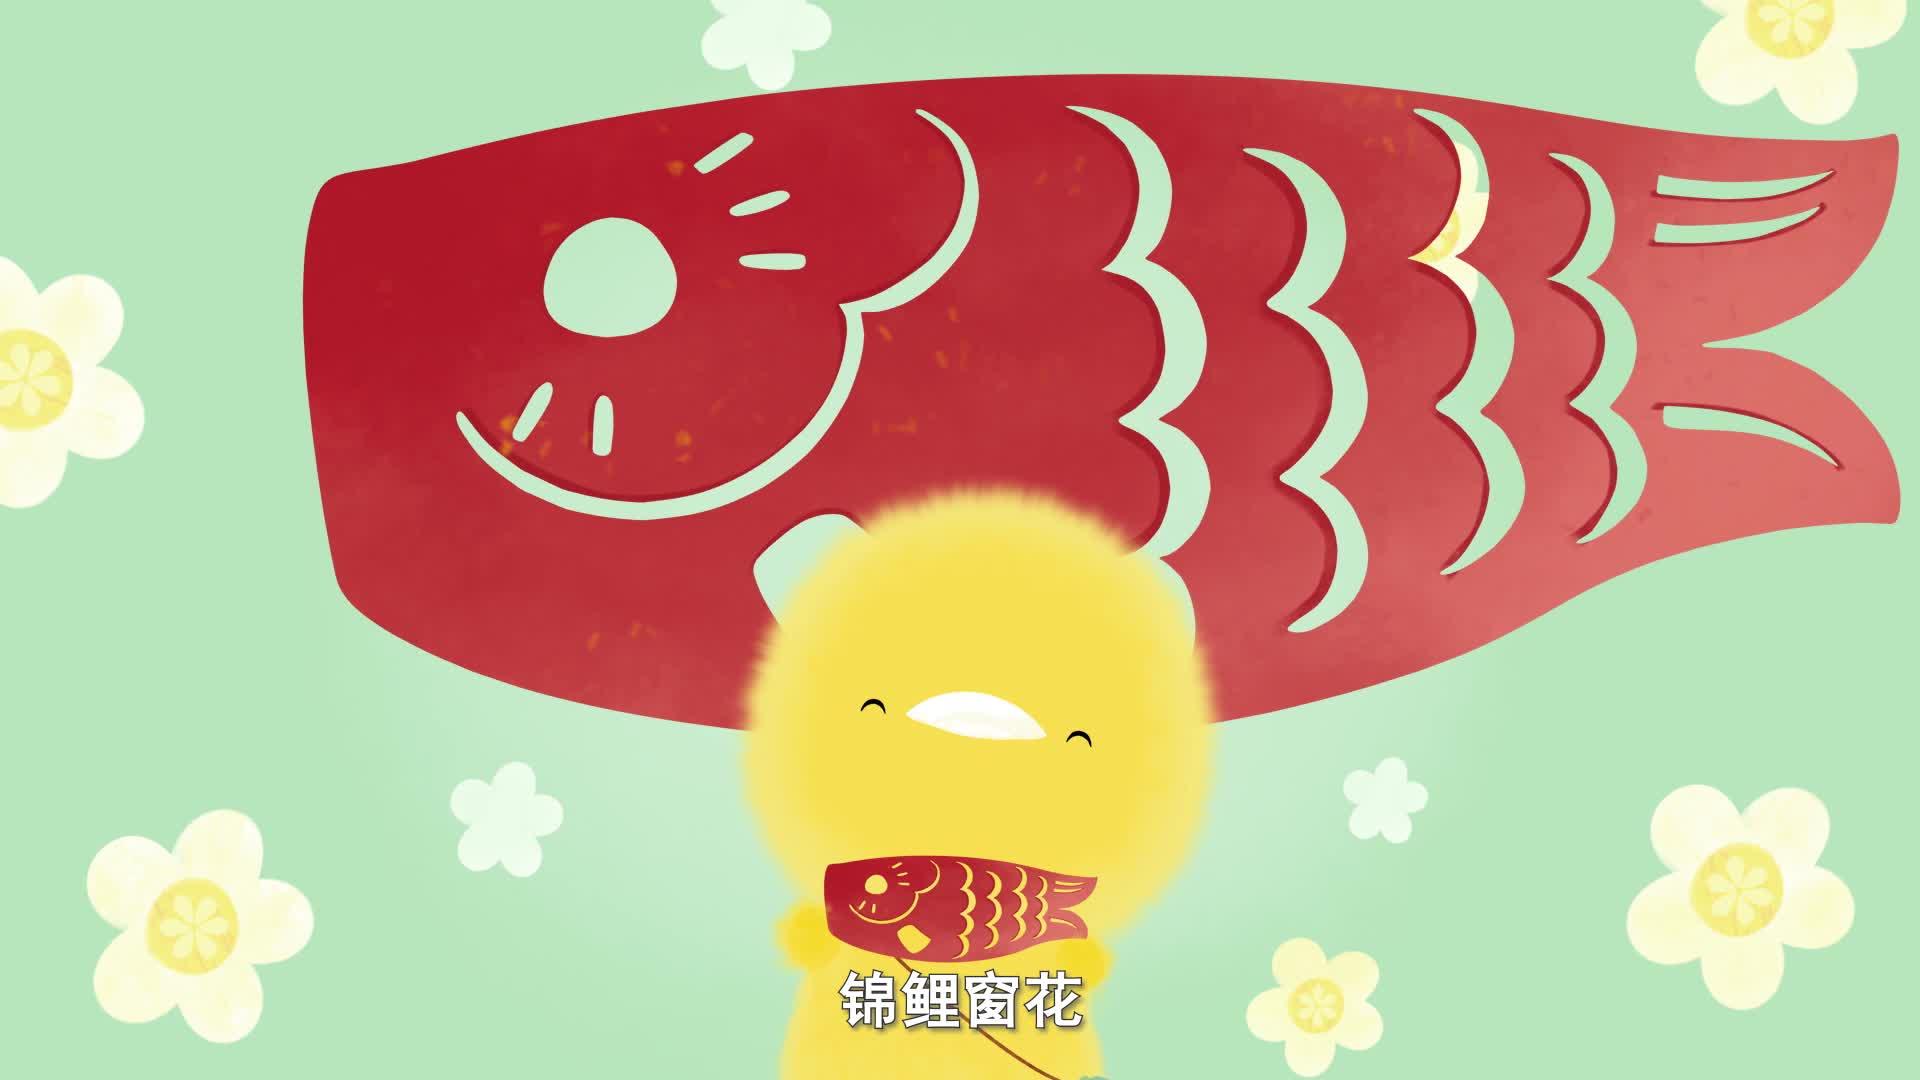 《小鸡彩虹》第七季 26寻找雪花